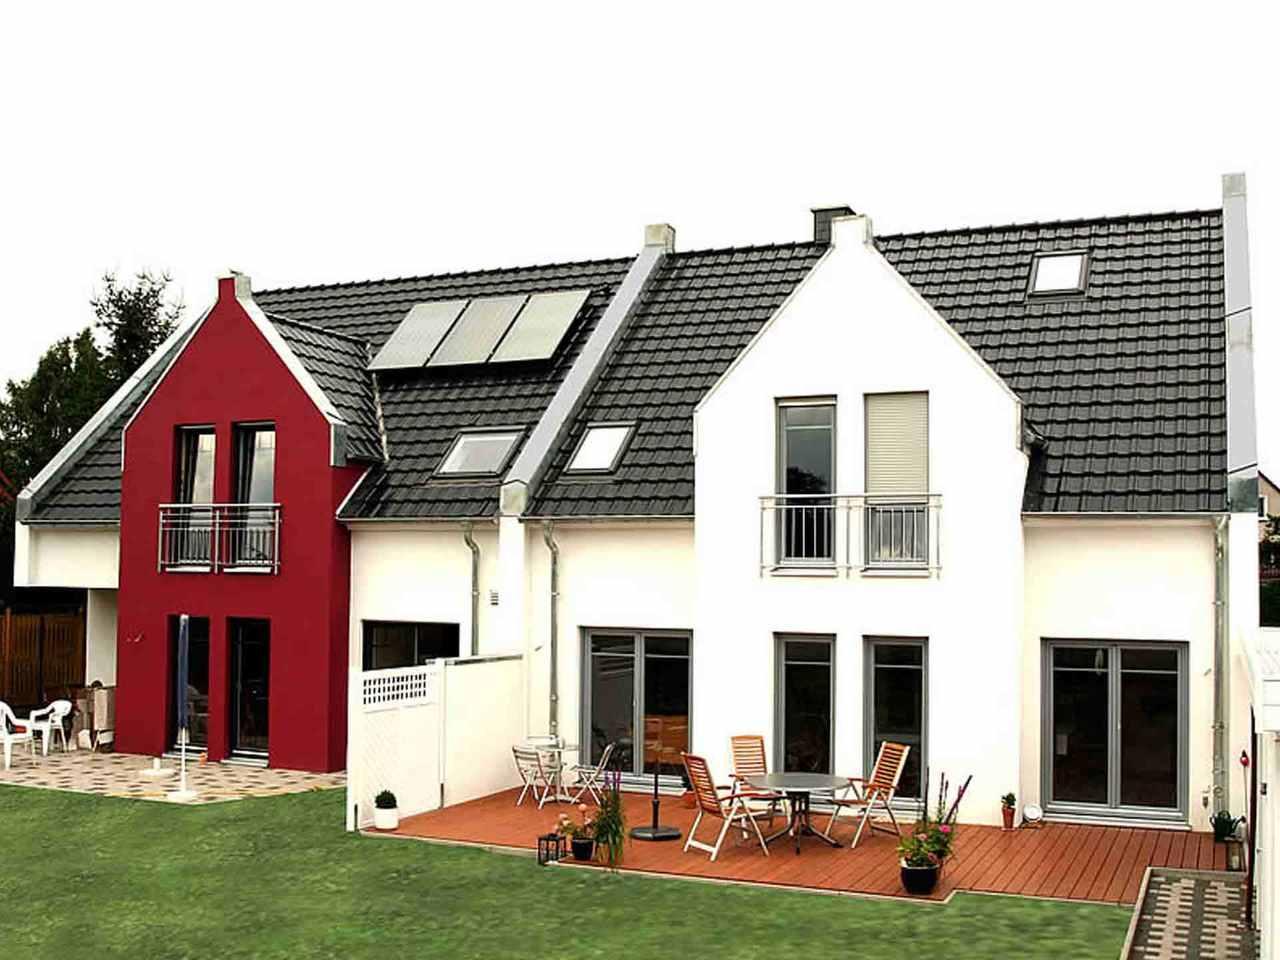 Doppel-Landhaus 132/134 DH - NURDA-Hausbau